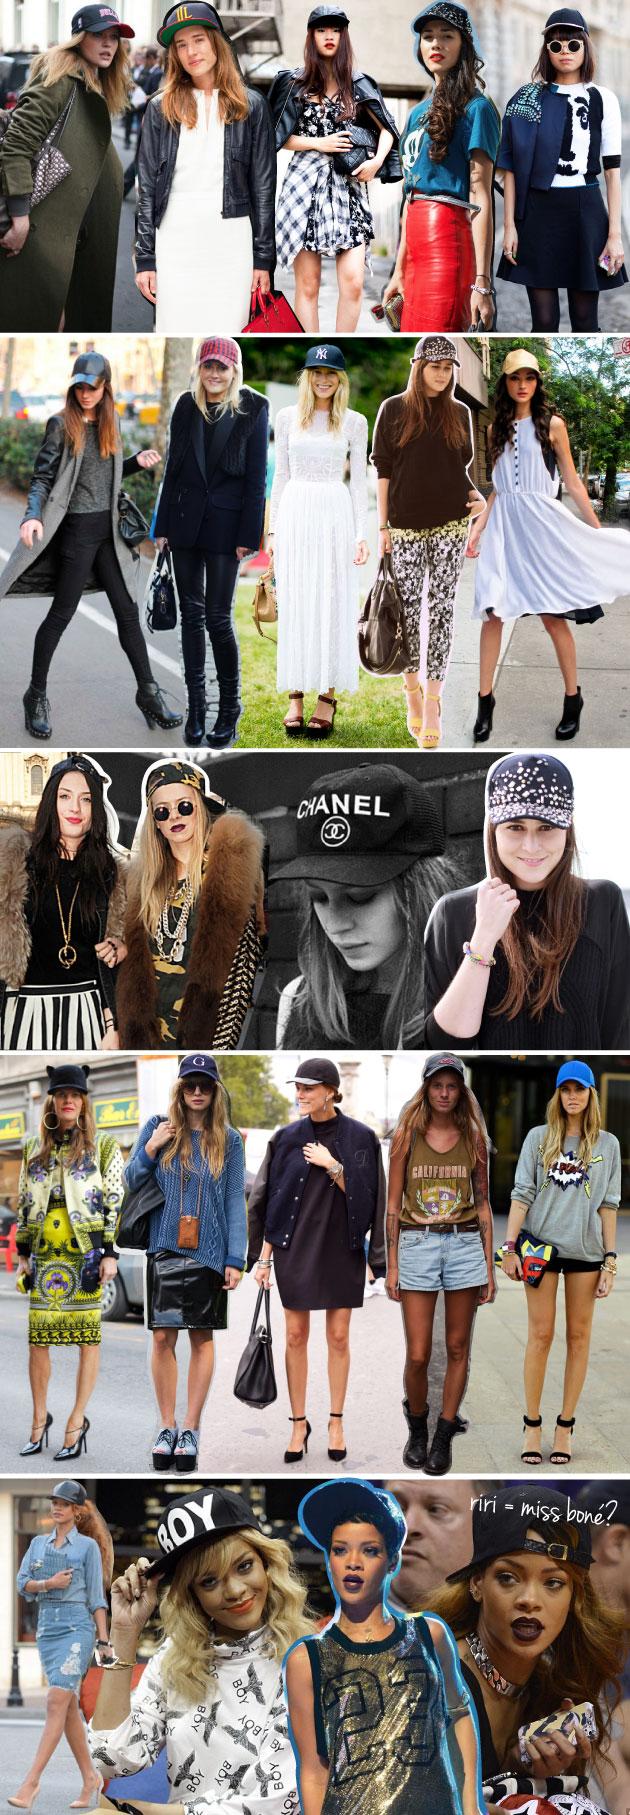 tendencia-bone-como-usar-looks-trend-baseball-cap-rihanna-estilo2